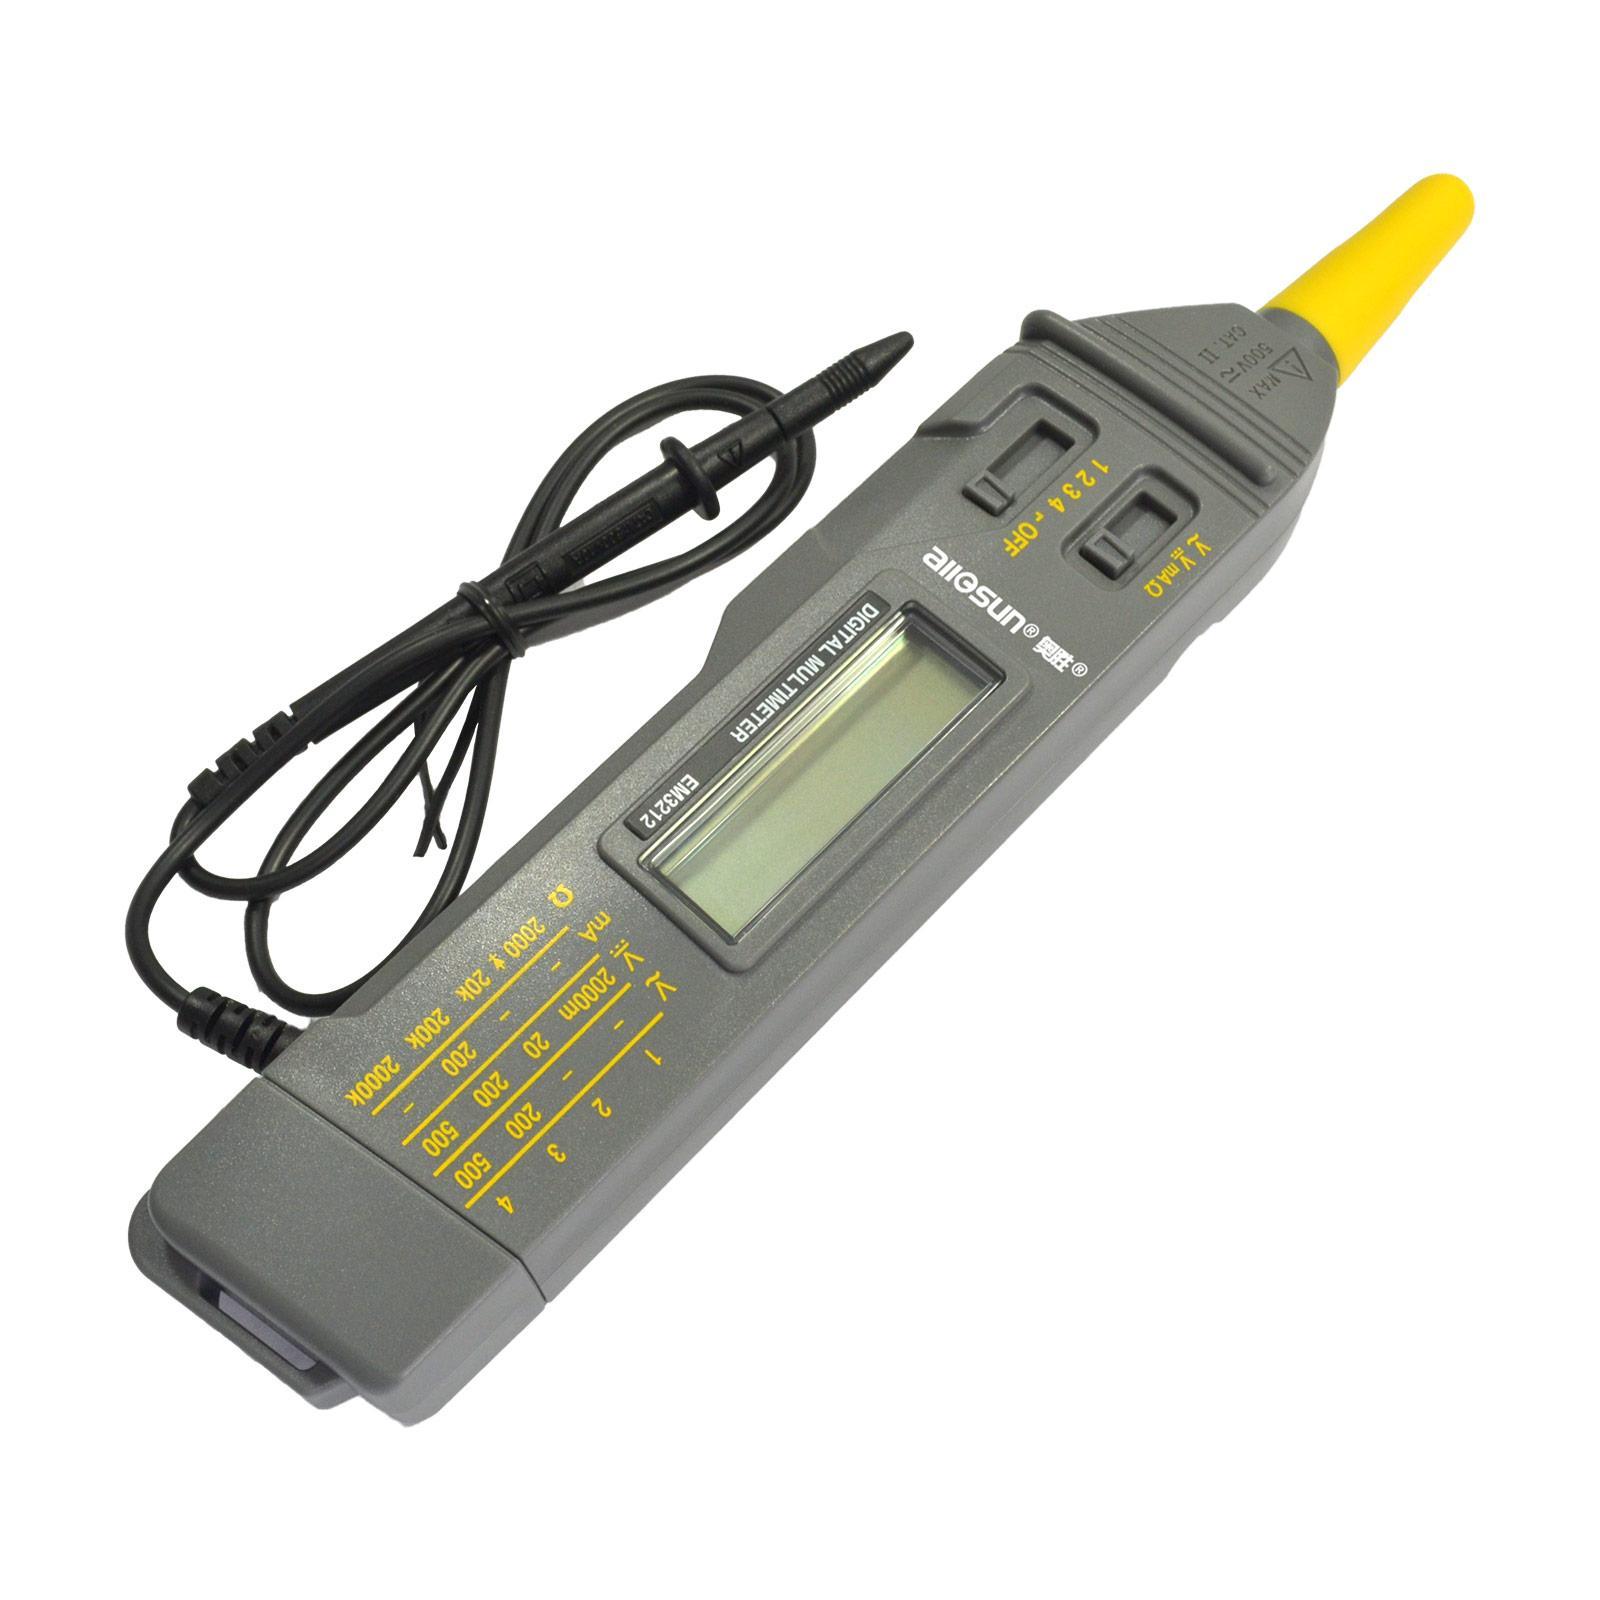 디지털 휴대용 펜 타입 멀티 미터의 LCD 디스플레이 자동 범위 포켓 사이즈 볼트 앰프 옴 테스트 CATII 측정기 모든 일 EM3212